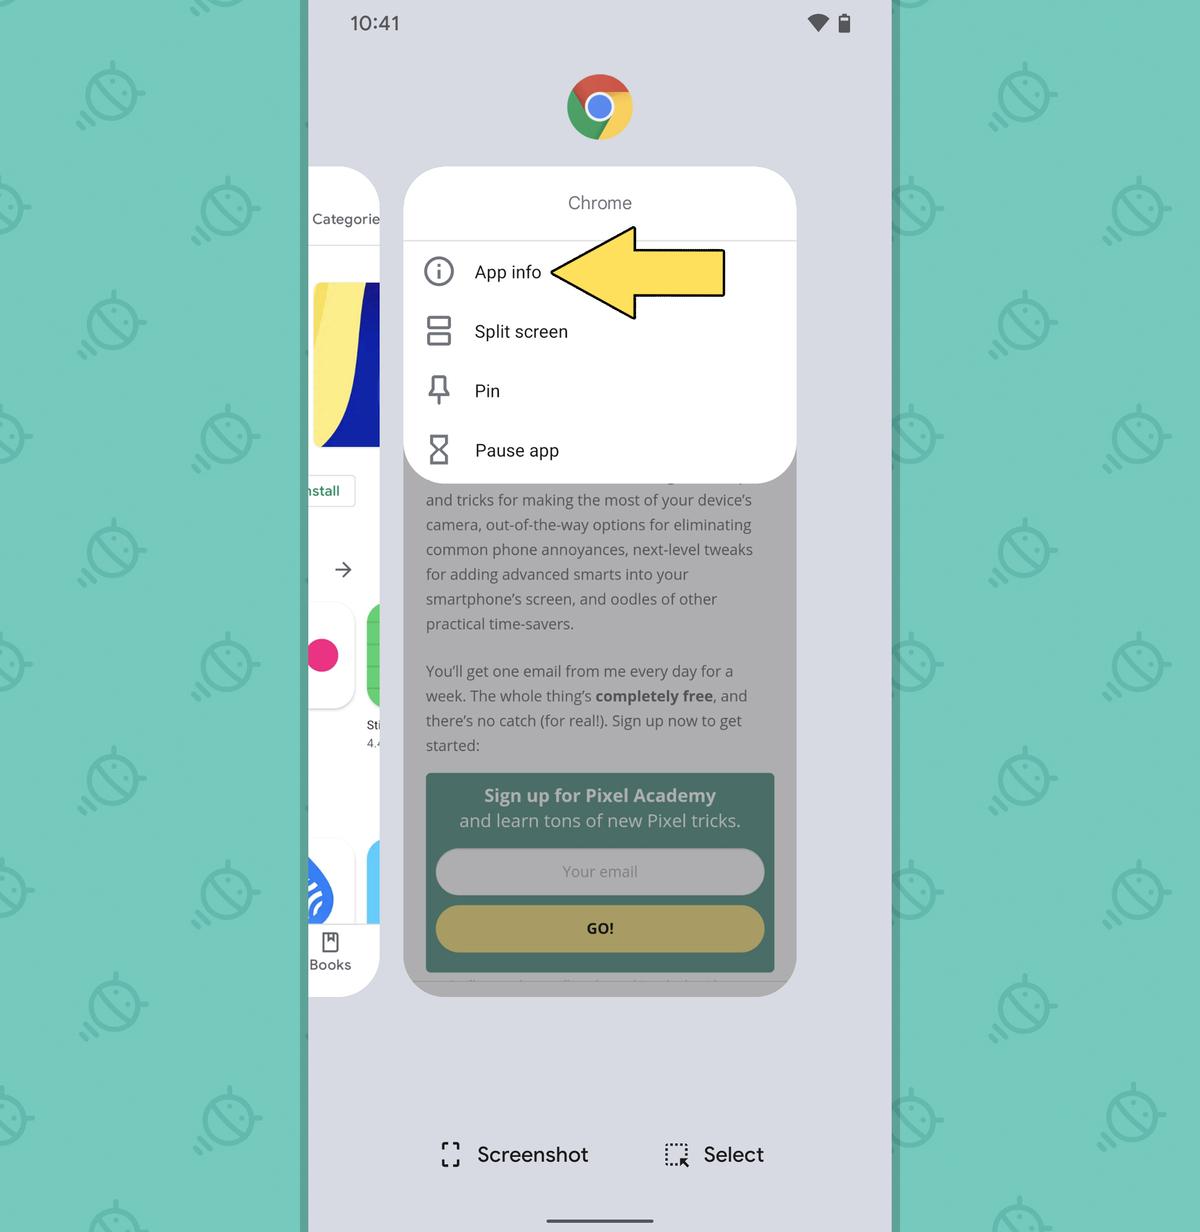 Pixel Features: Overview app info